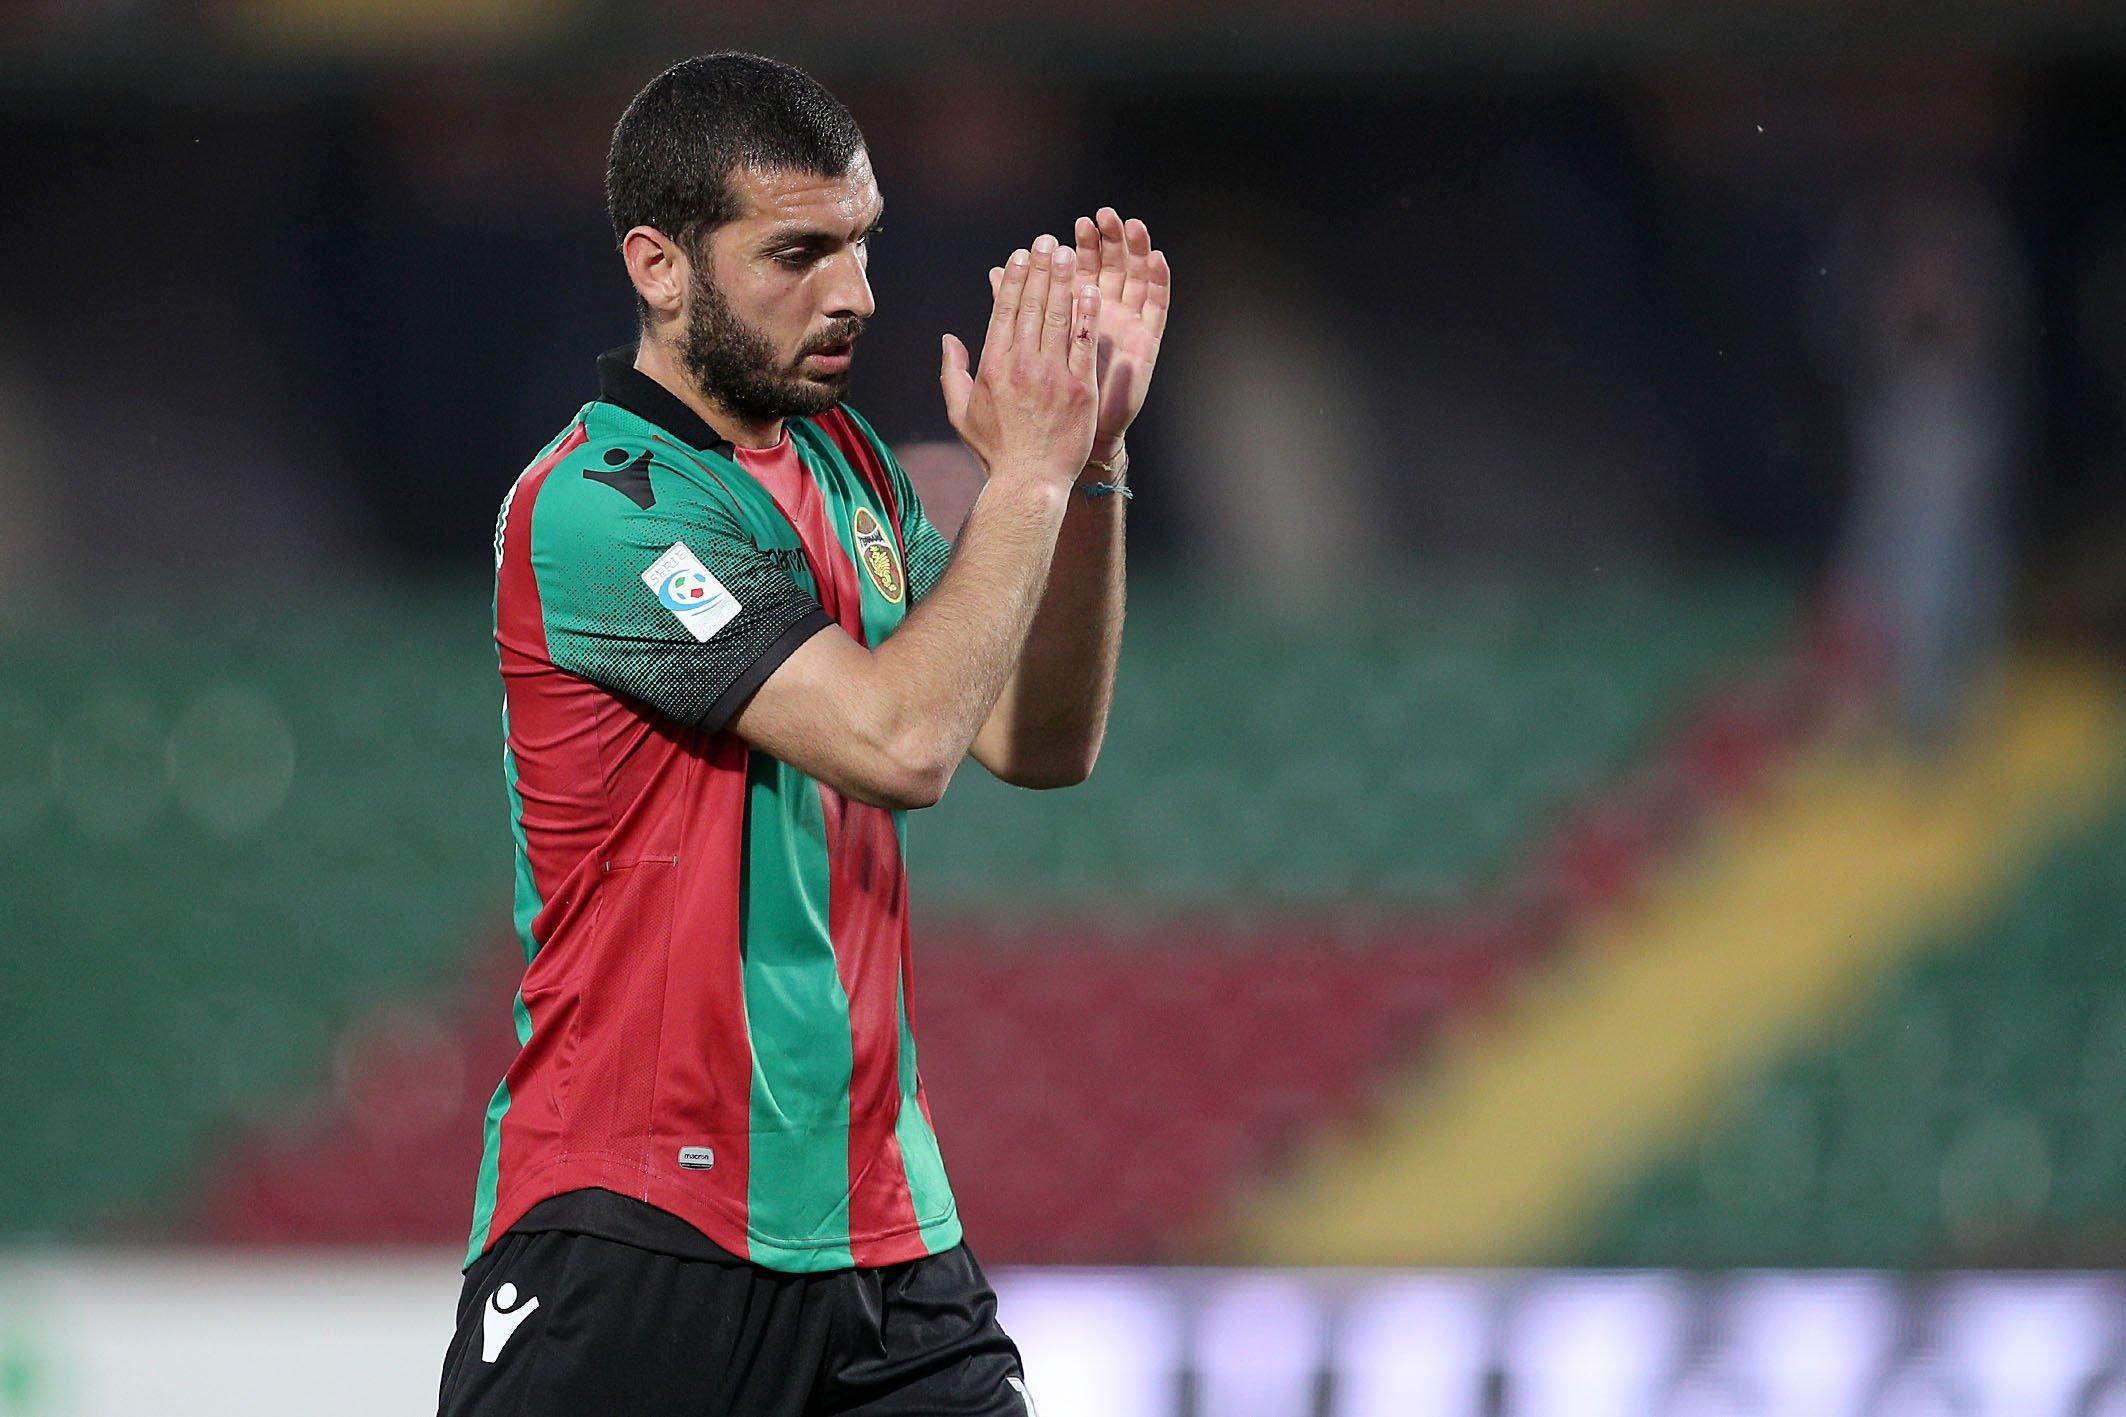 Calciomercato Ternana, gli obiettivi per l'attacco dei rossoverdi